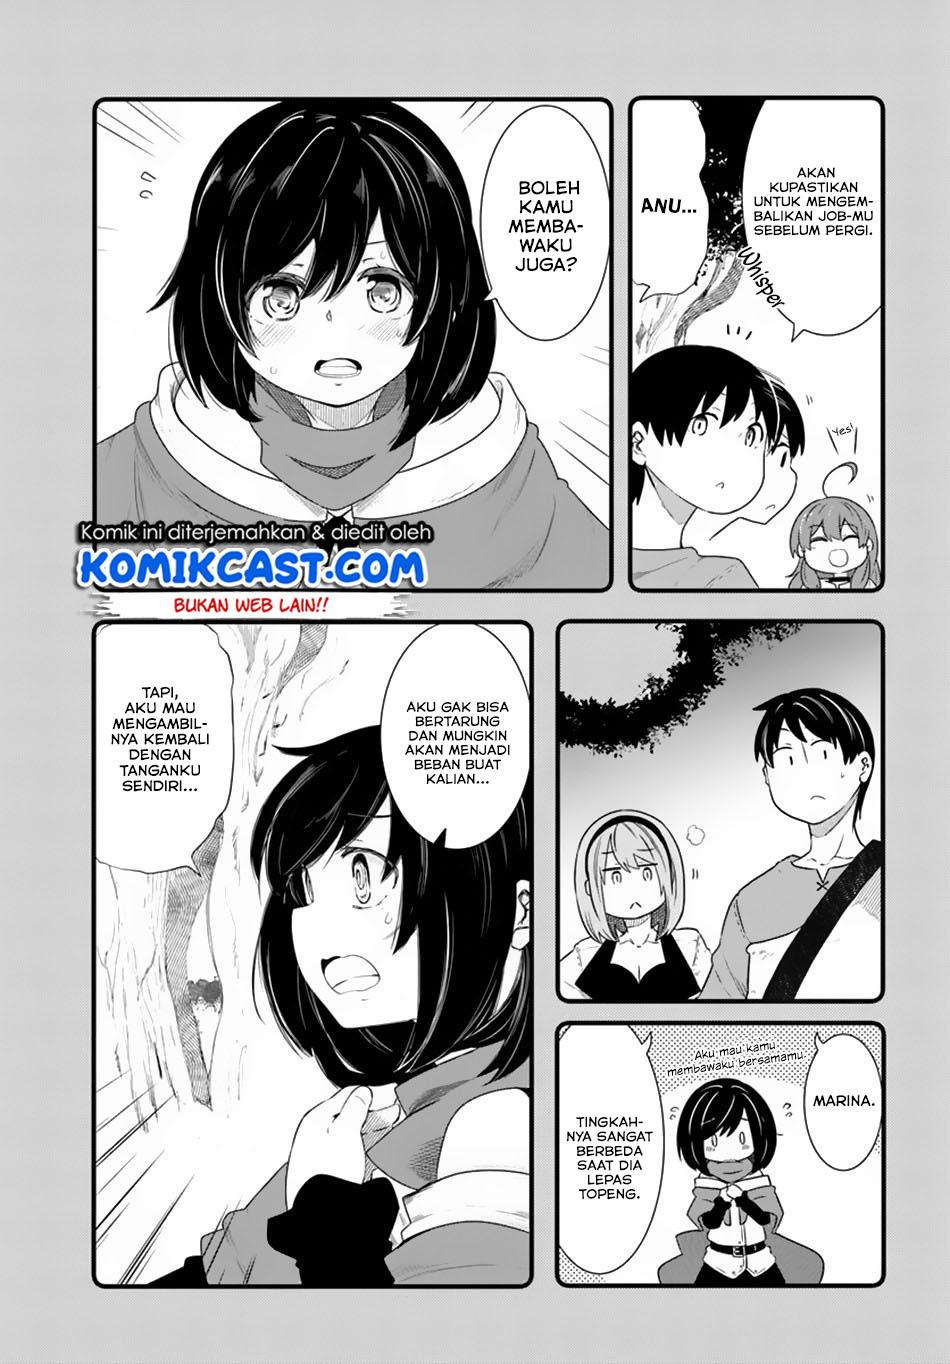 Seichou Cheat de Nandemo Dekiru you ni Natta ga, Mushoku dake wa Yamerarenai you desu: Chapter 24 - Page 6